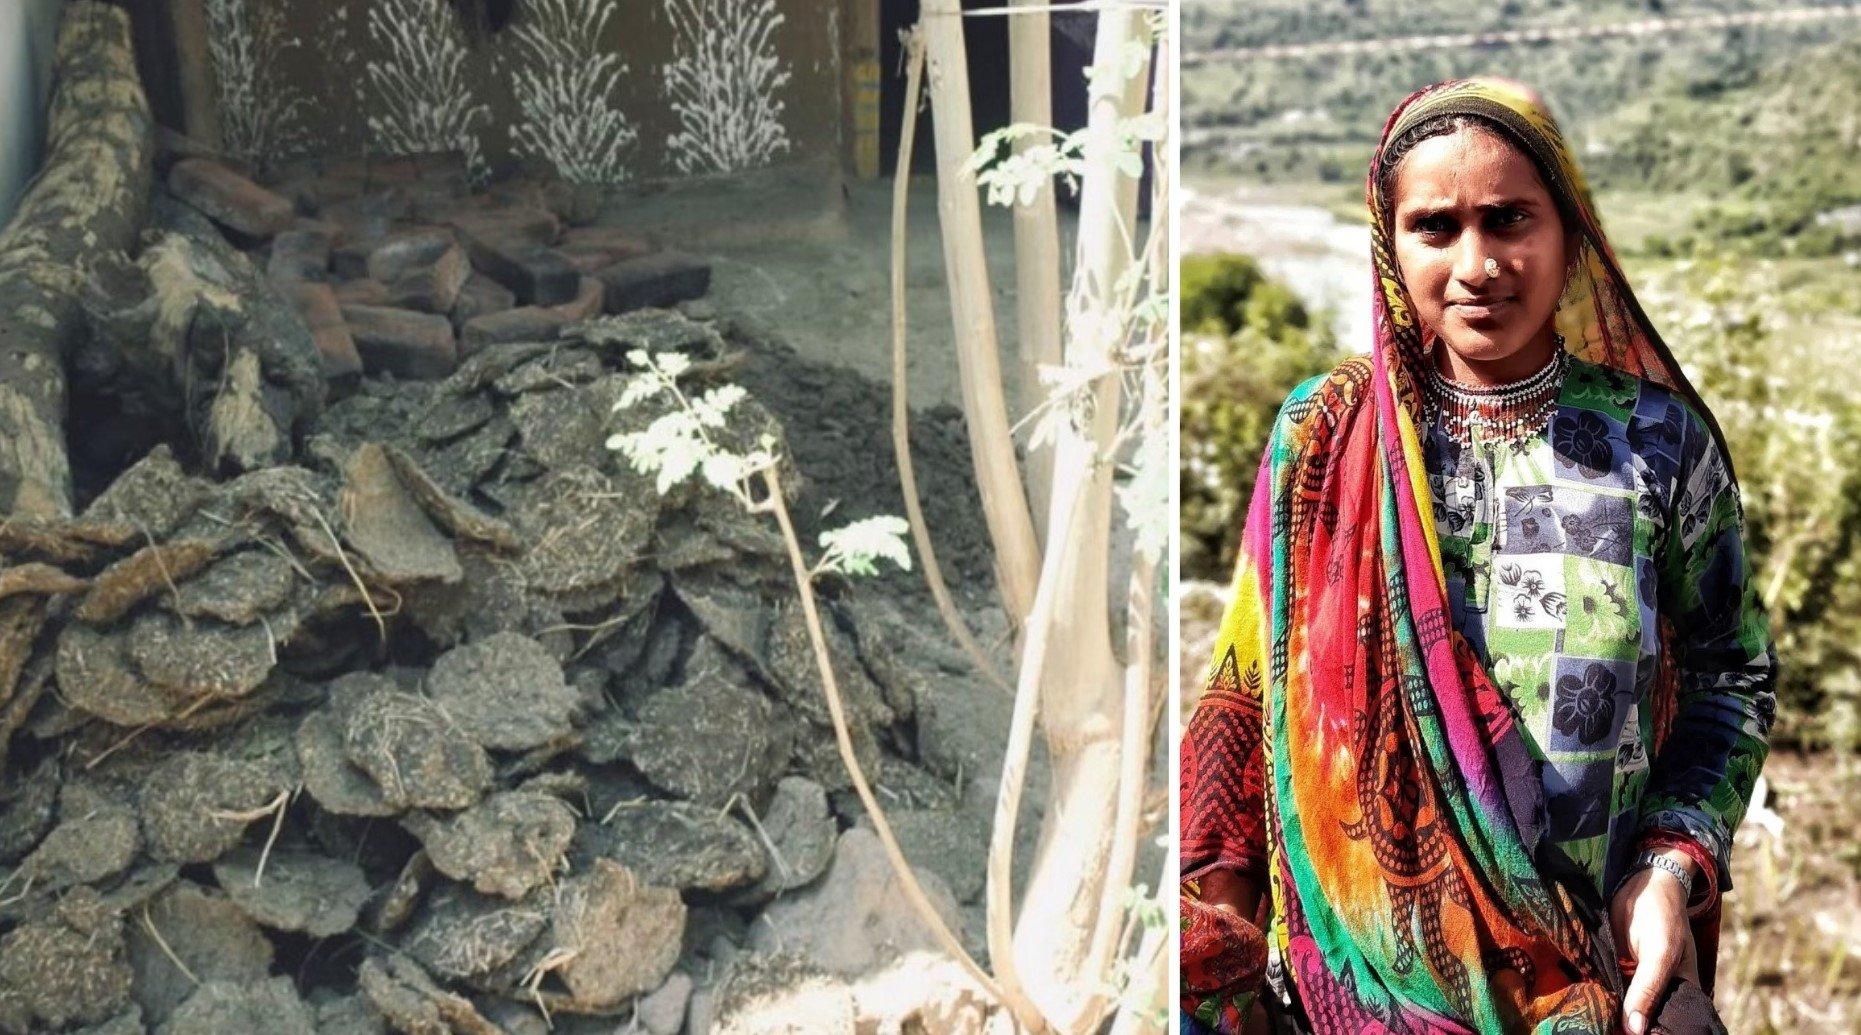 Para ajudar família, esposas de pastores vendem esterco de porta em porta na Índia